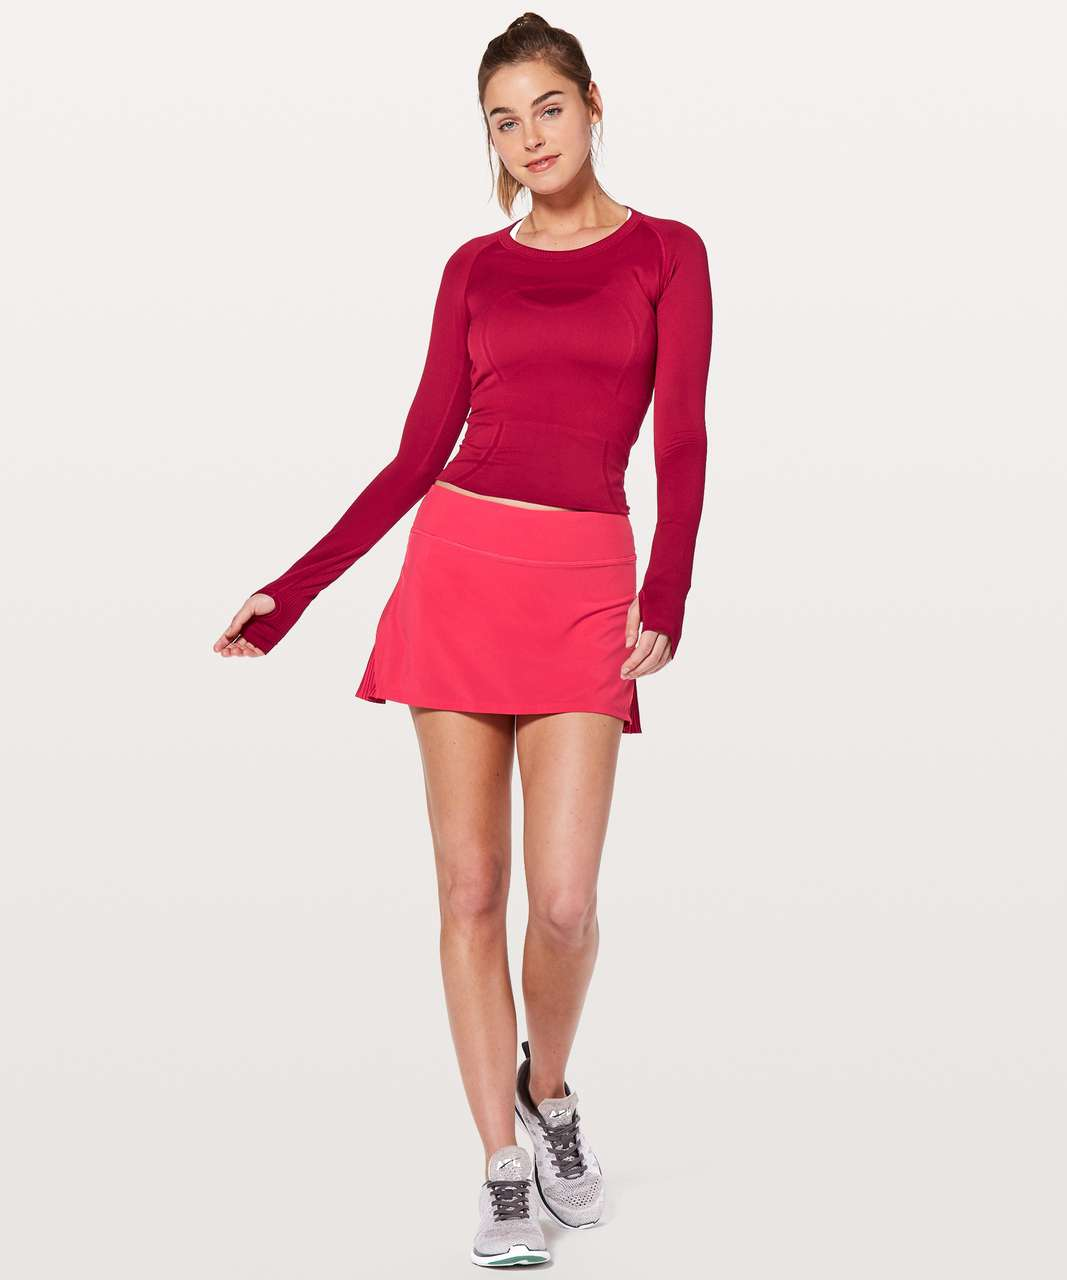 """Lululemon Play Off The Pleats Skirt *13"""" - Fuchsia Pink"""